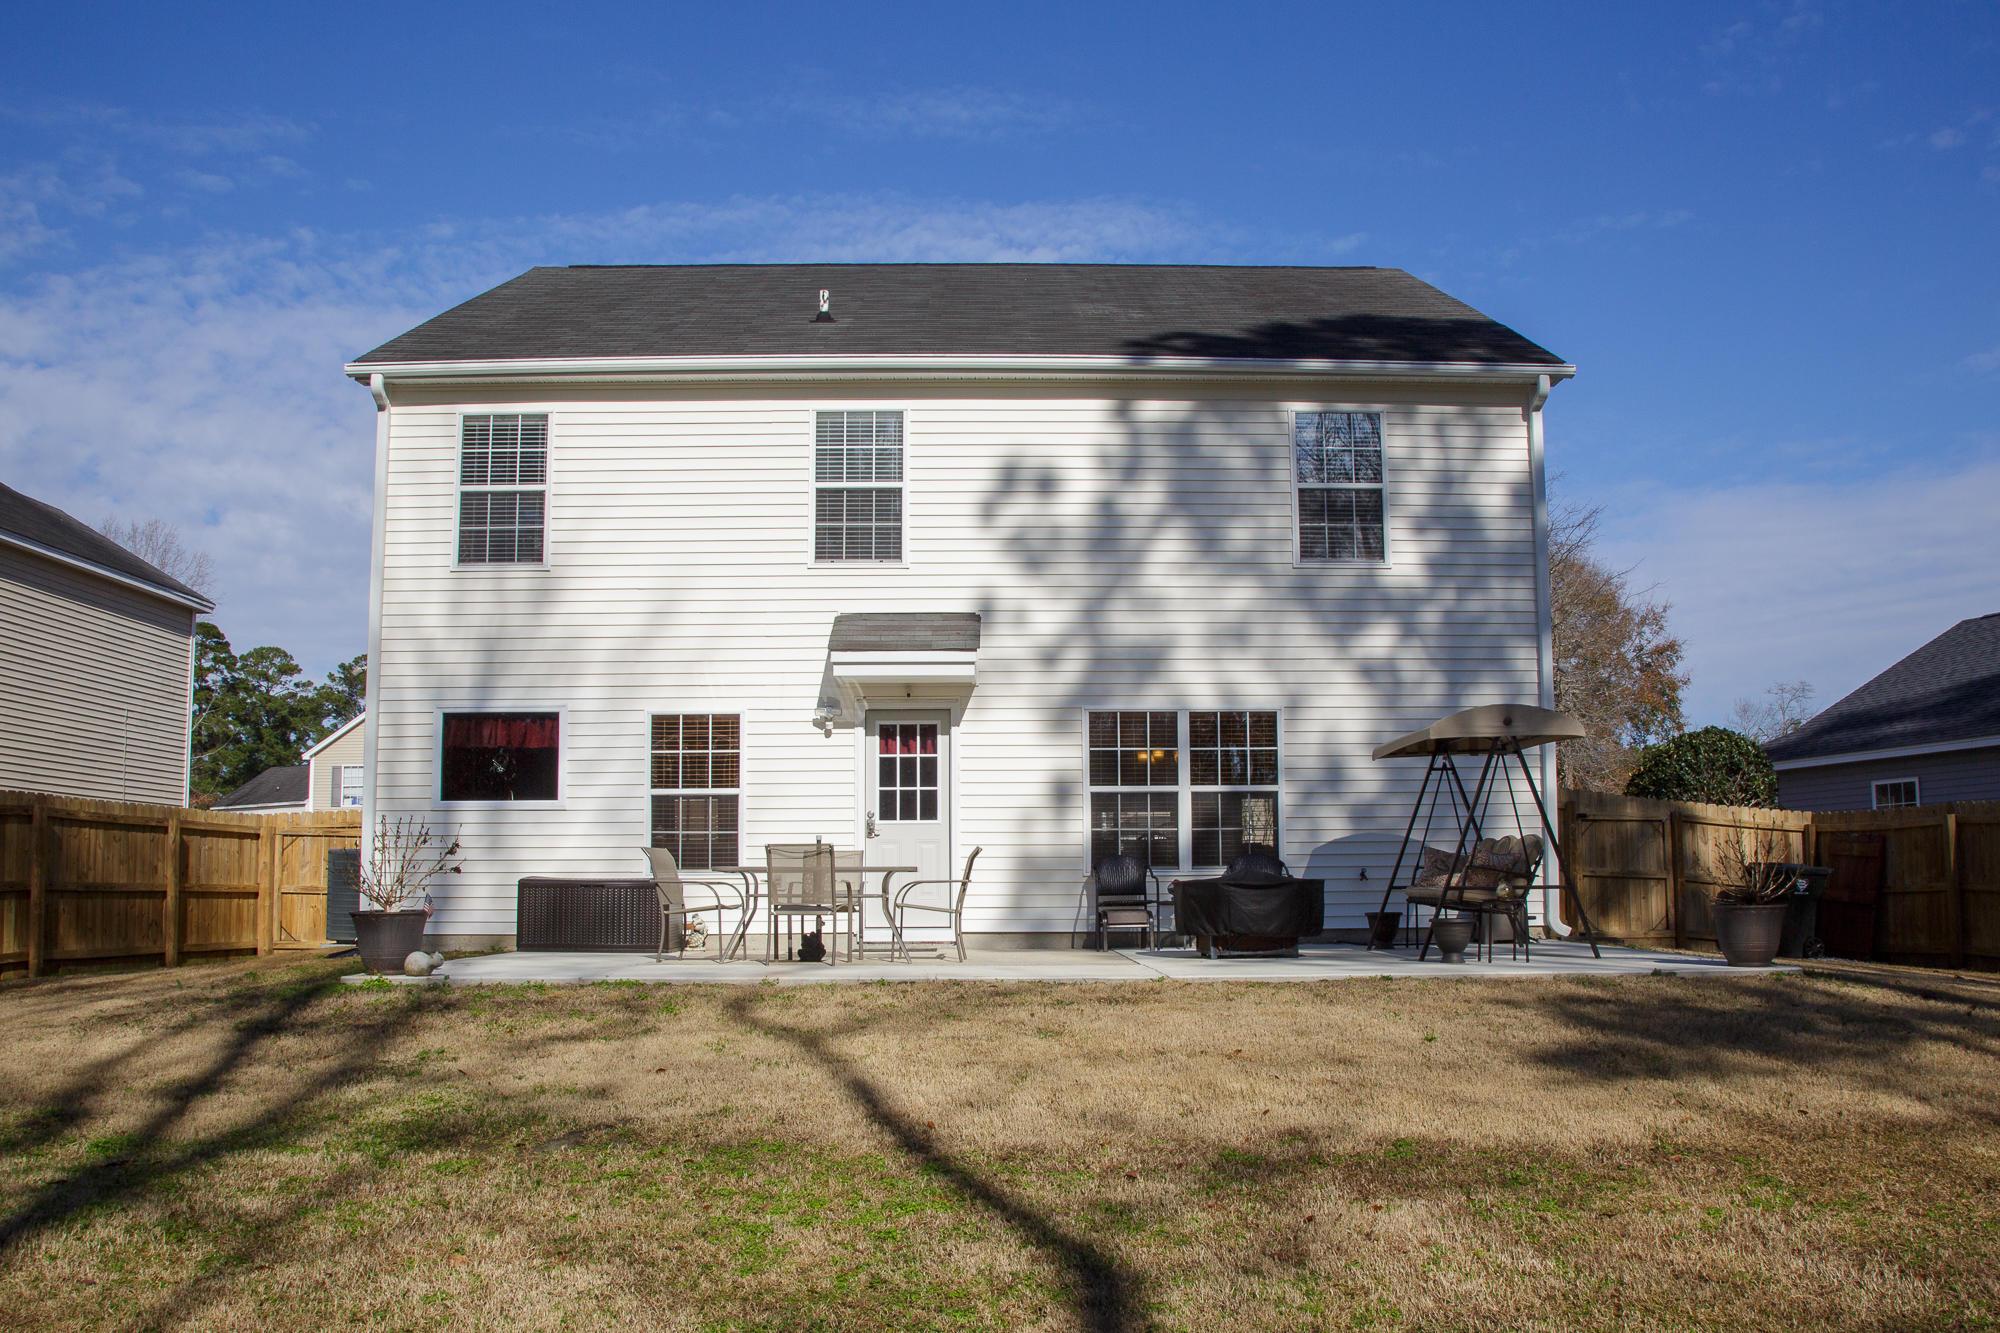 Hawthorne Place Homes For Sale - 347 Cohen, Ladson, SC - 9